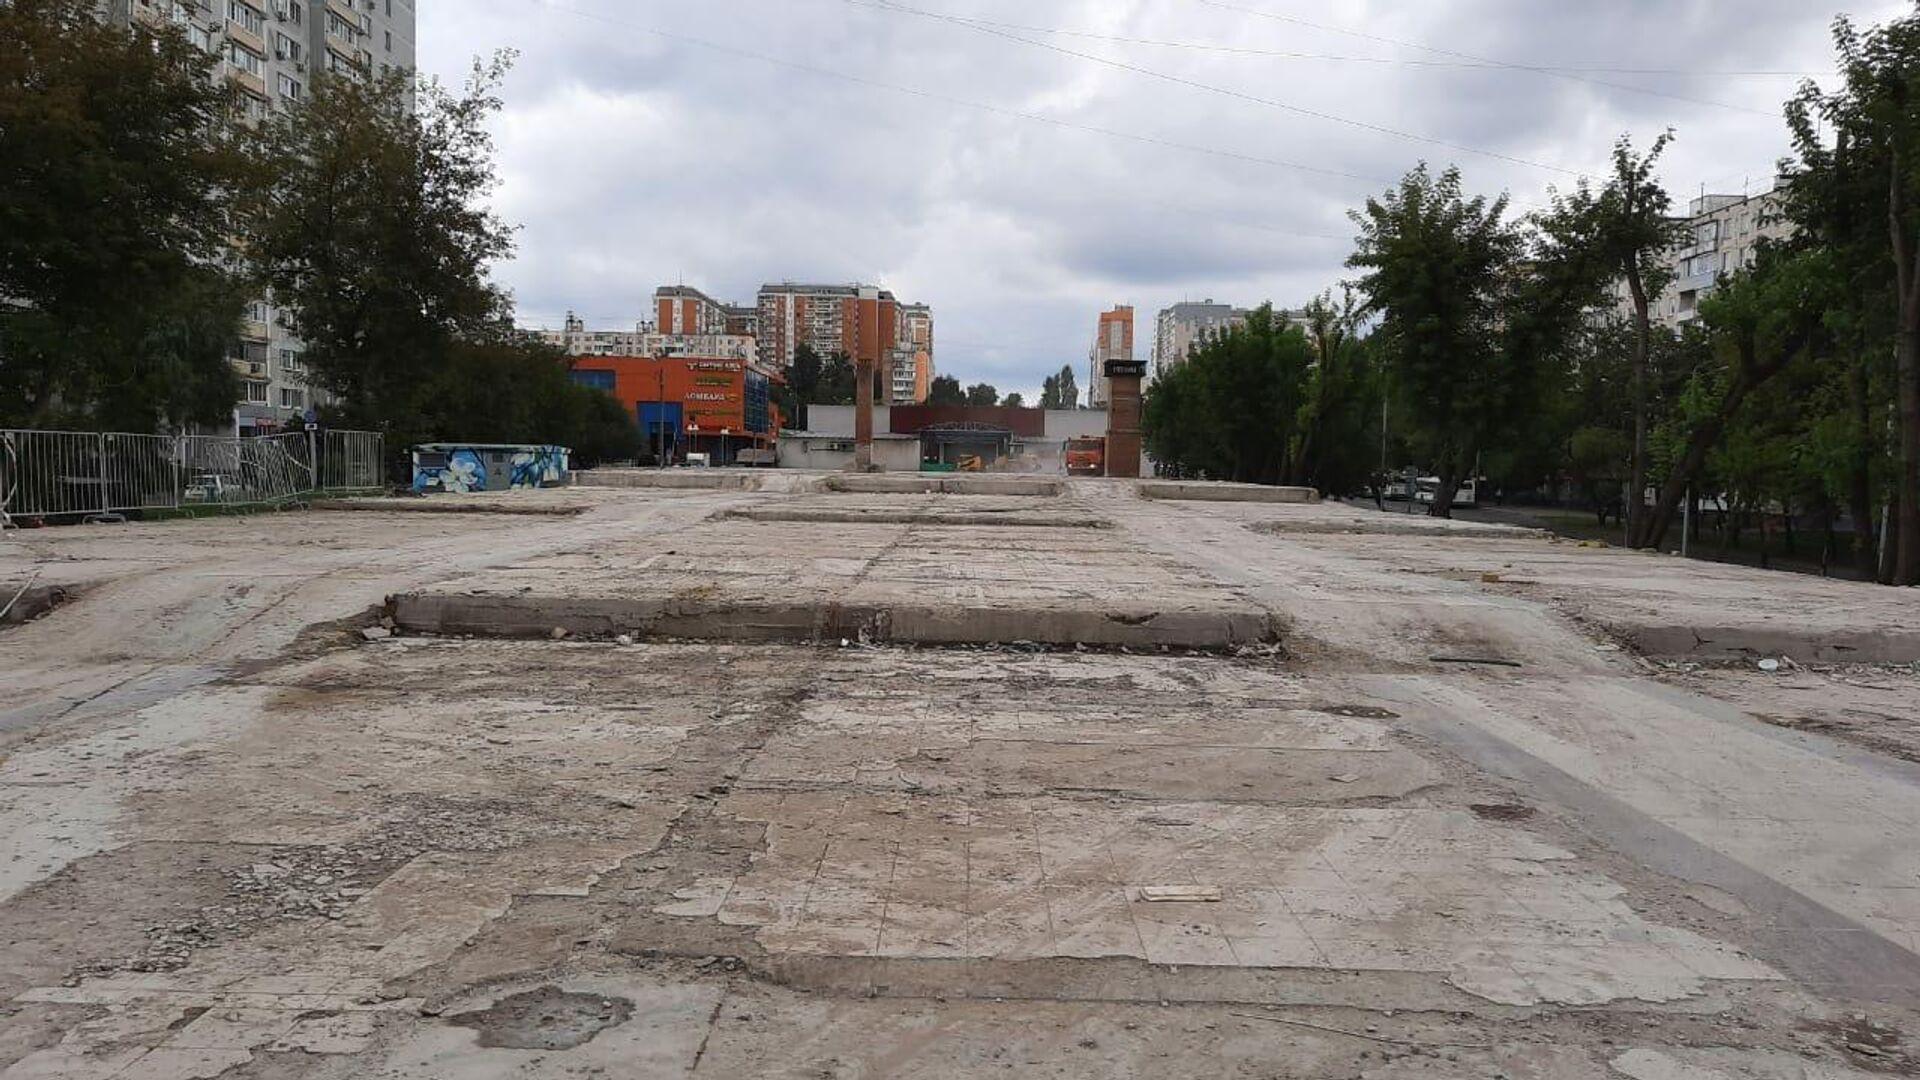 Площадка в Северном Медведкове после демонтажа самостроя - РИА Новости, 1920, 08.09.2020